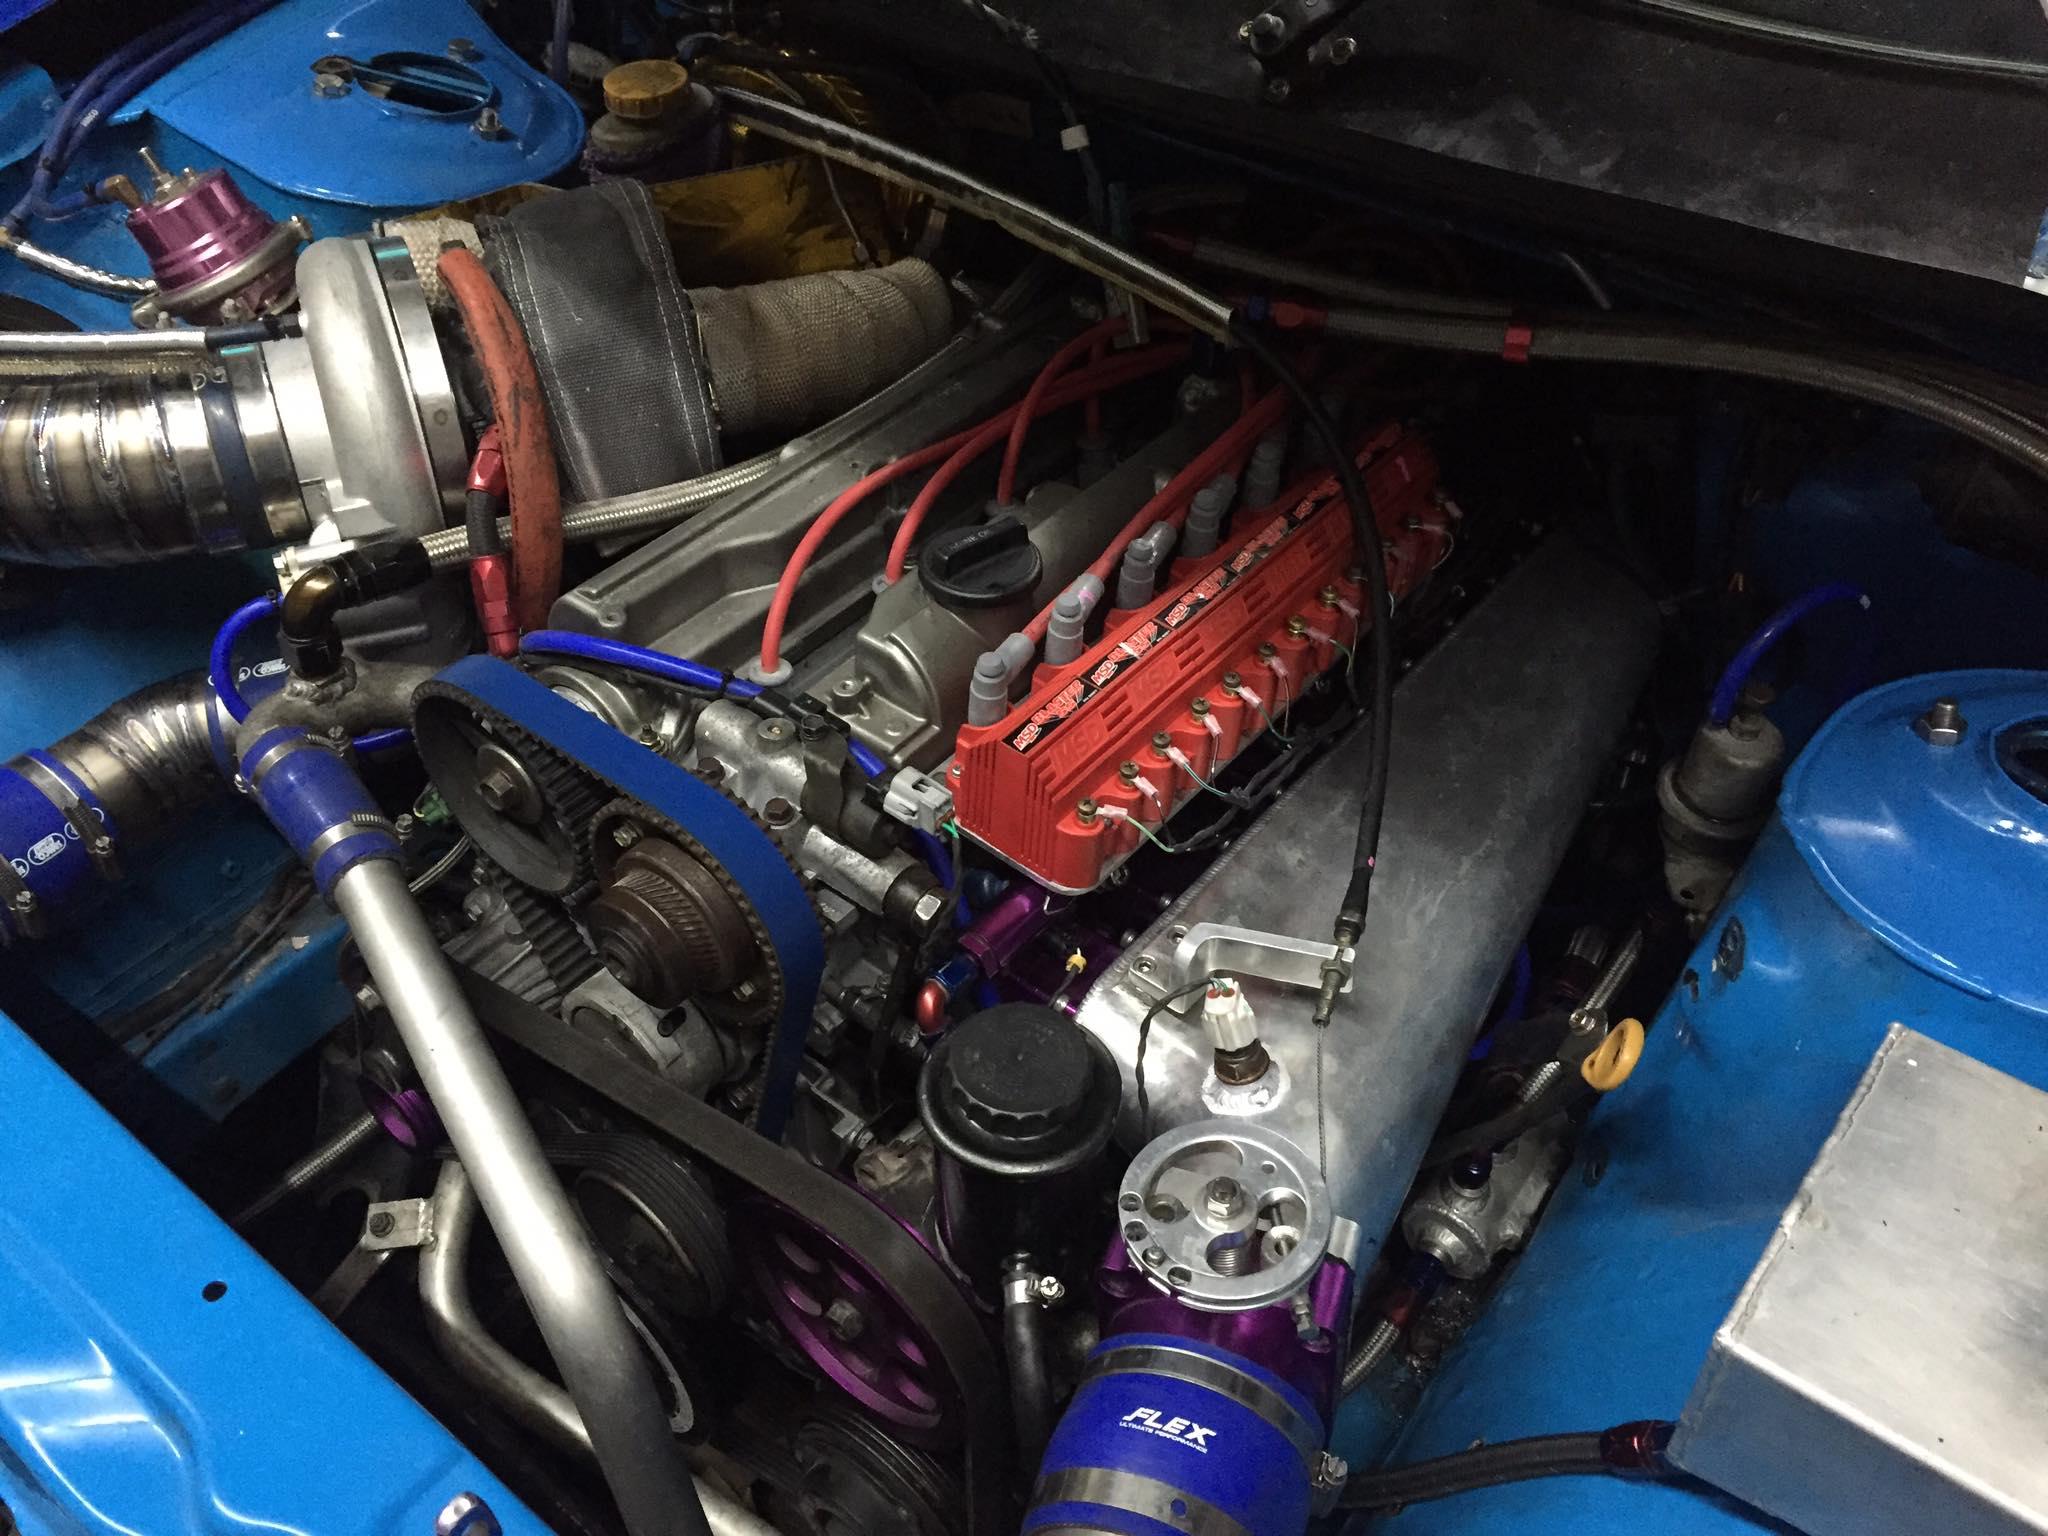 Isuzu D-Max with a Turbo 3 4 L 2JZ Inline-Six